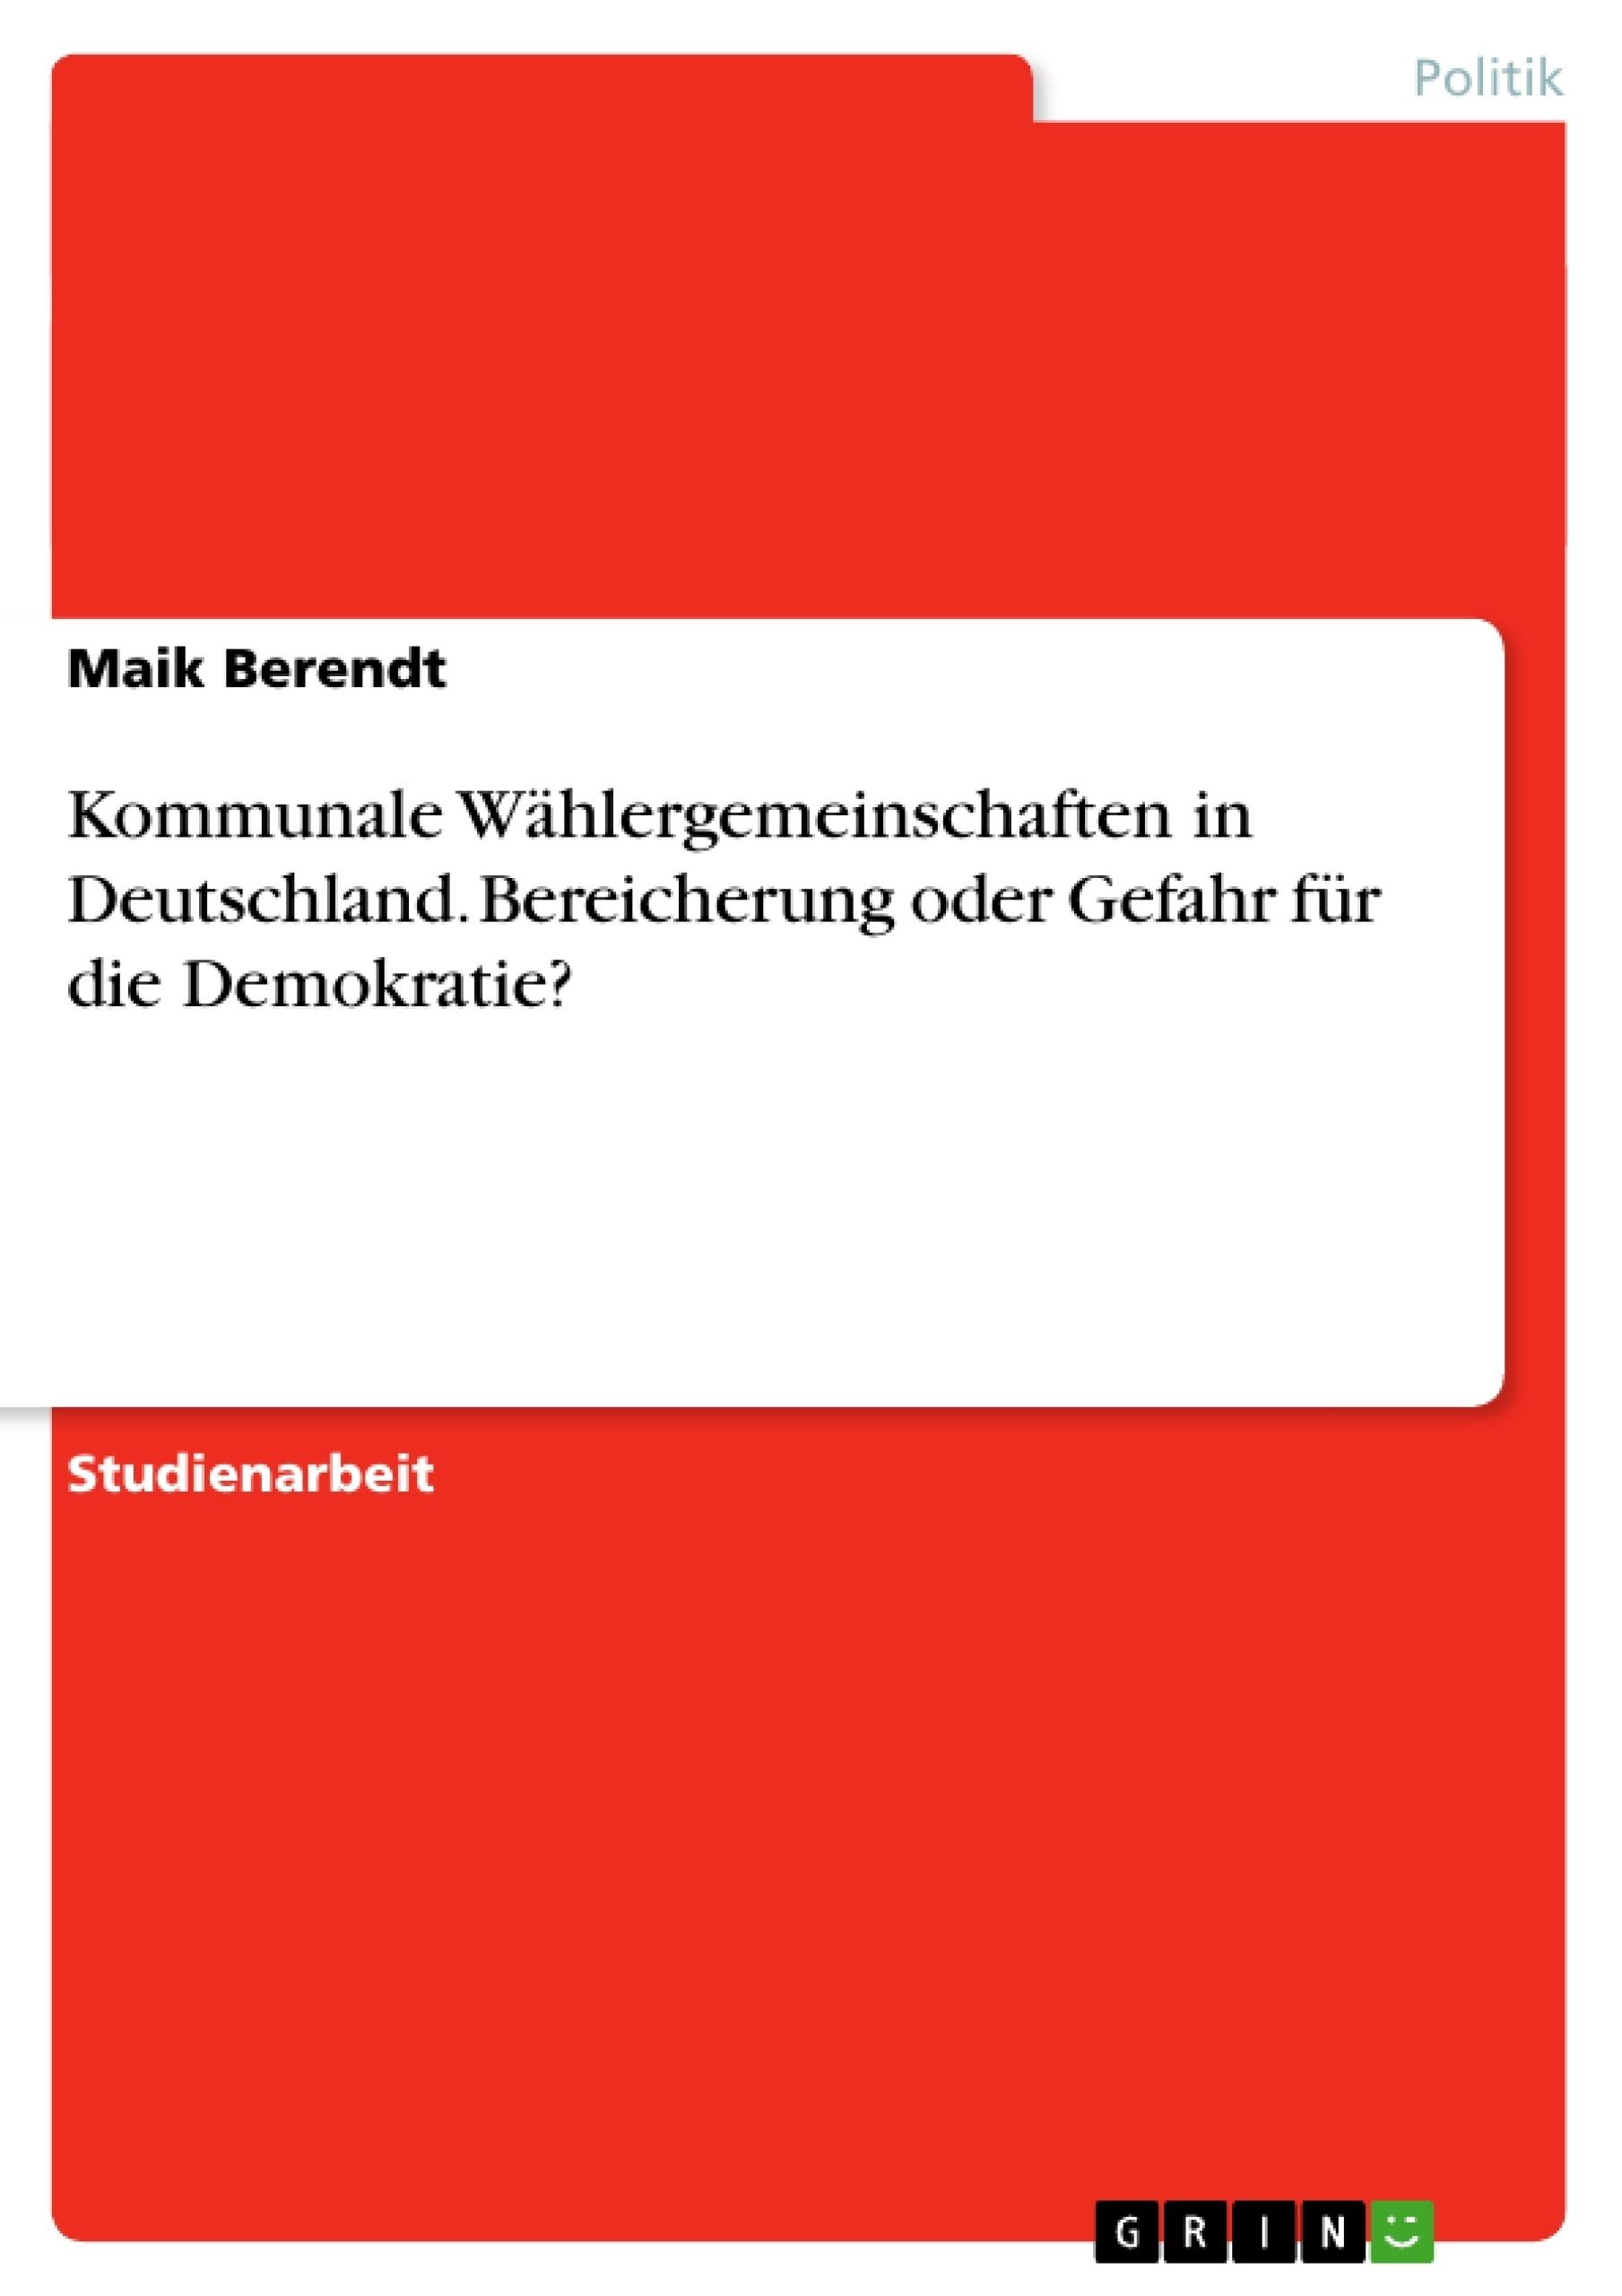 Titel: Kommunale Wählergemeinschaften in Deutschland. Bereicherung oder Gefahr für die Demokratie?